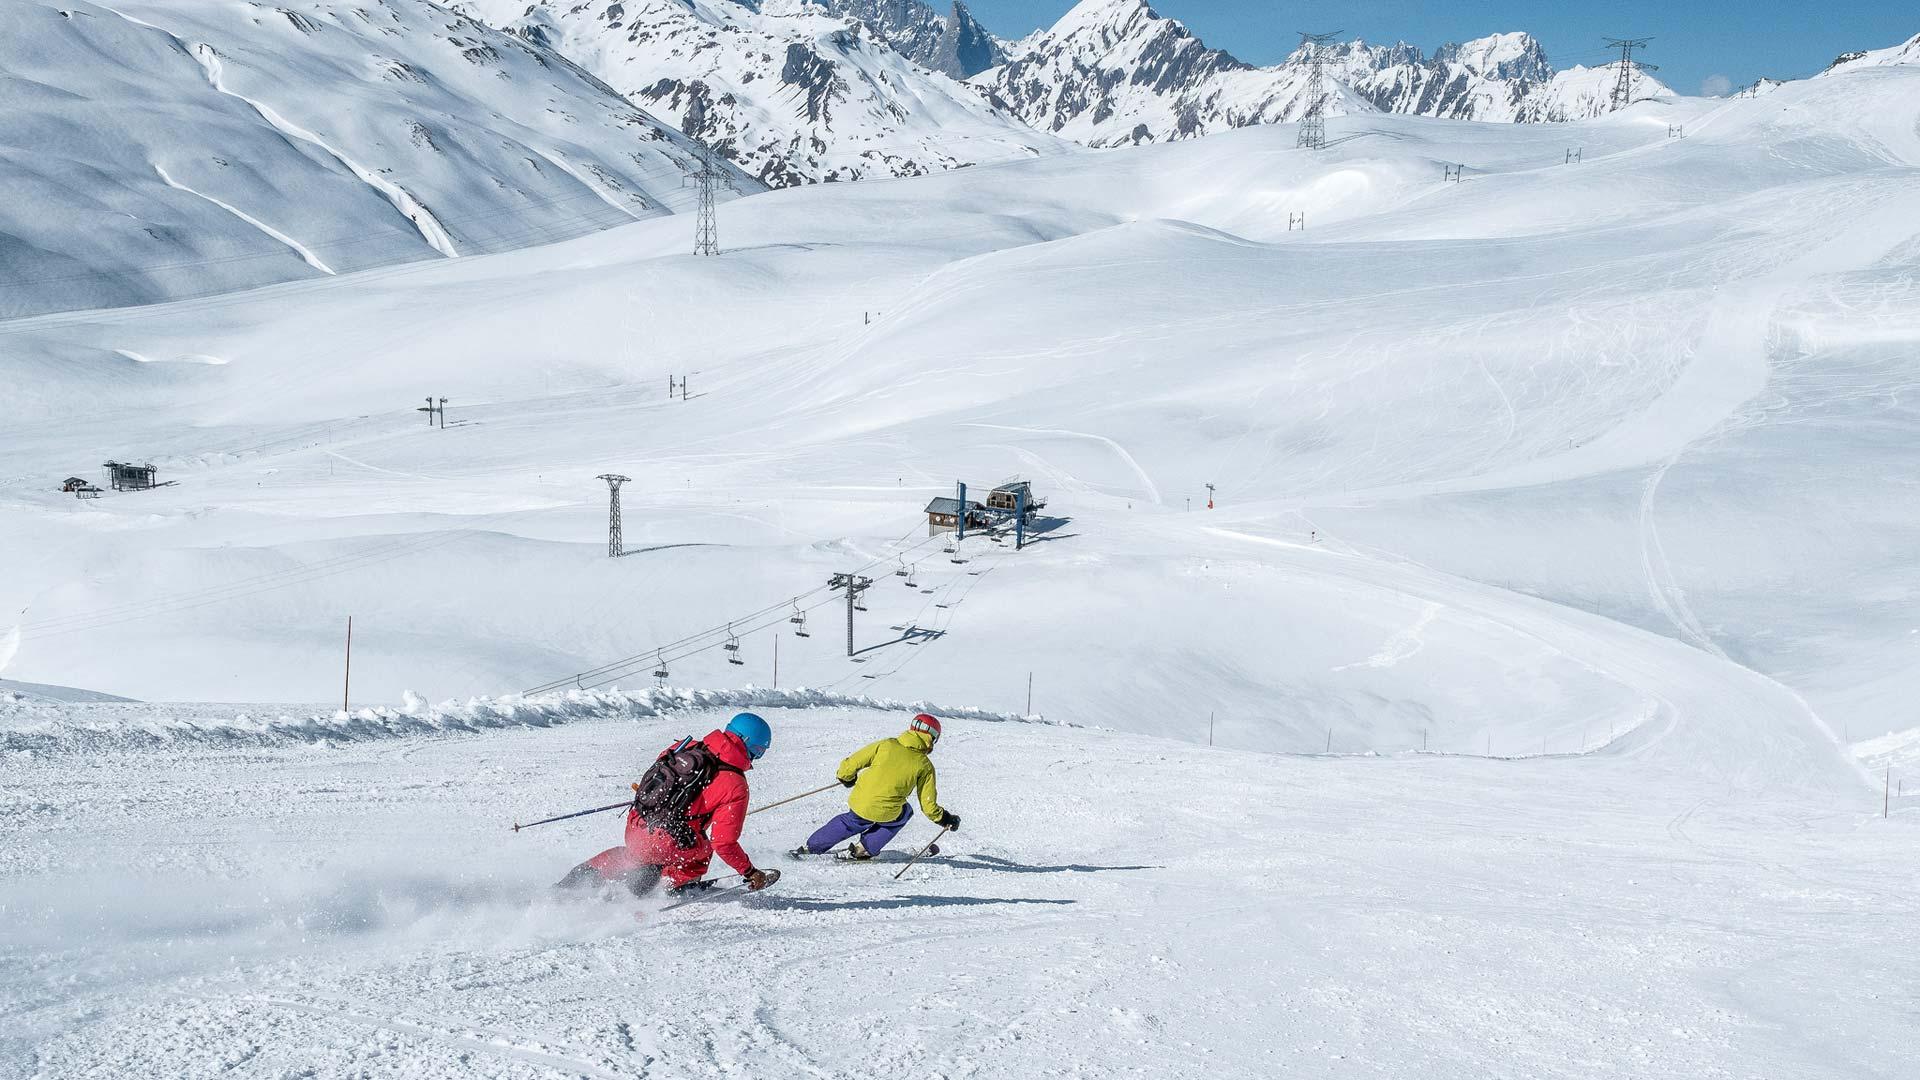 Skiing in La Rosiere